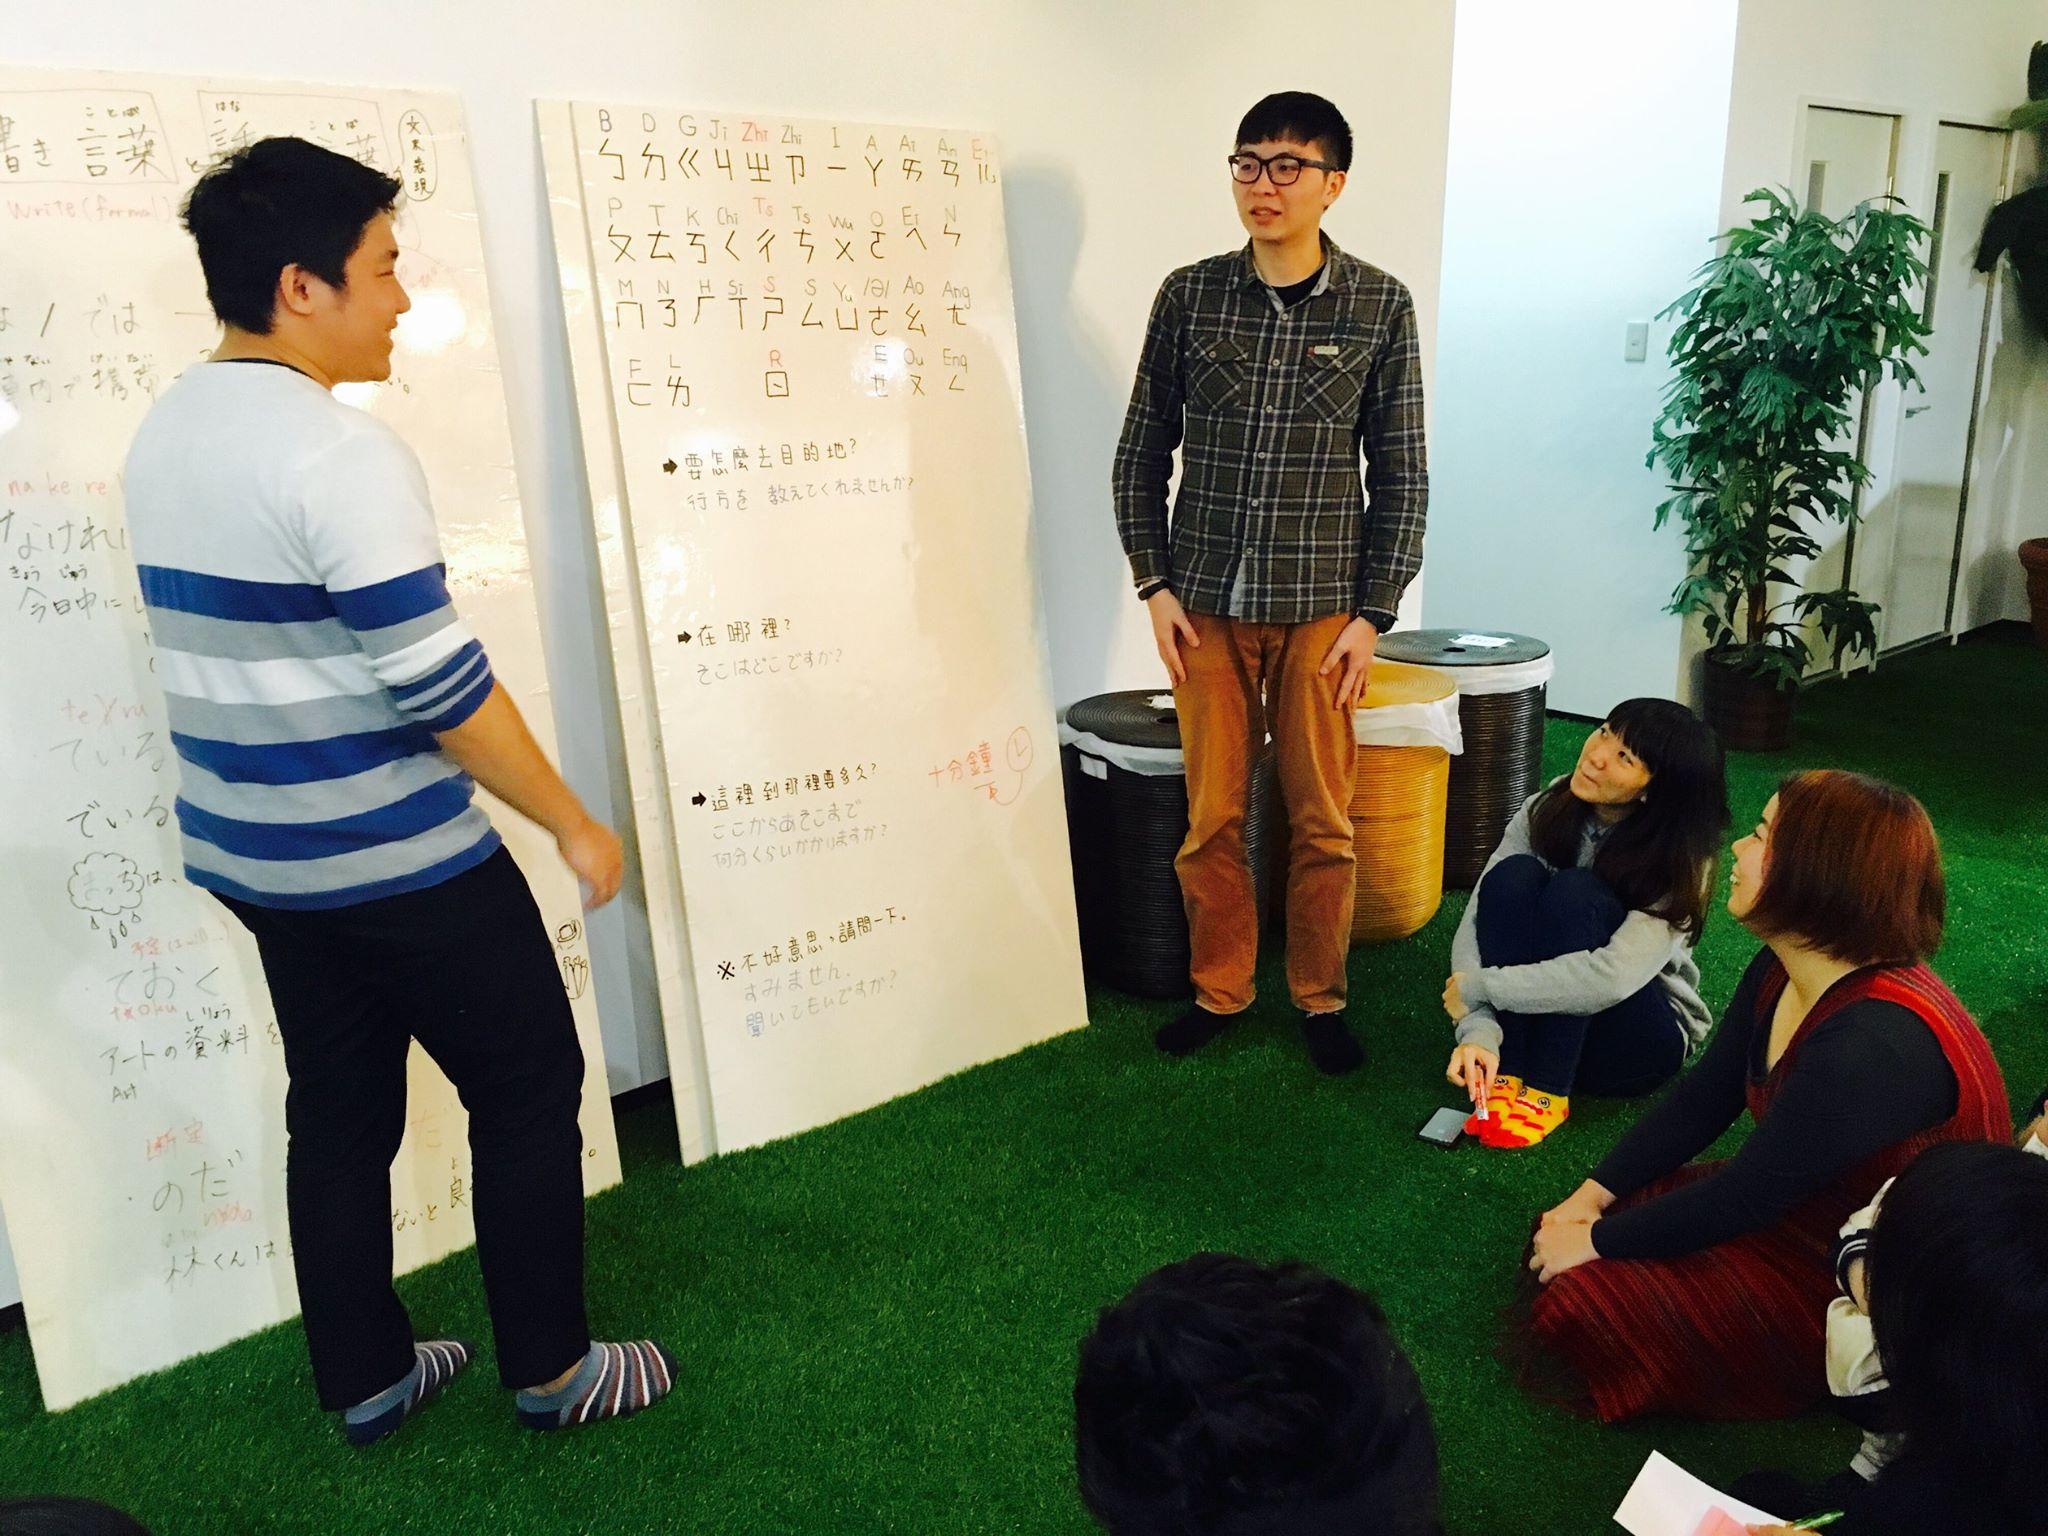 台湾から来たインターン生による中国語講座